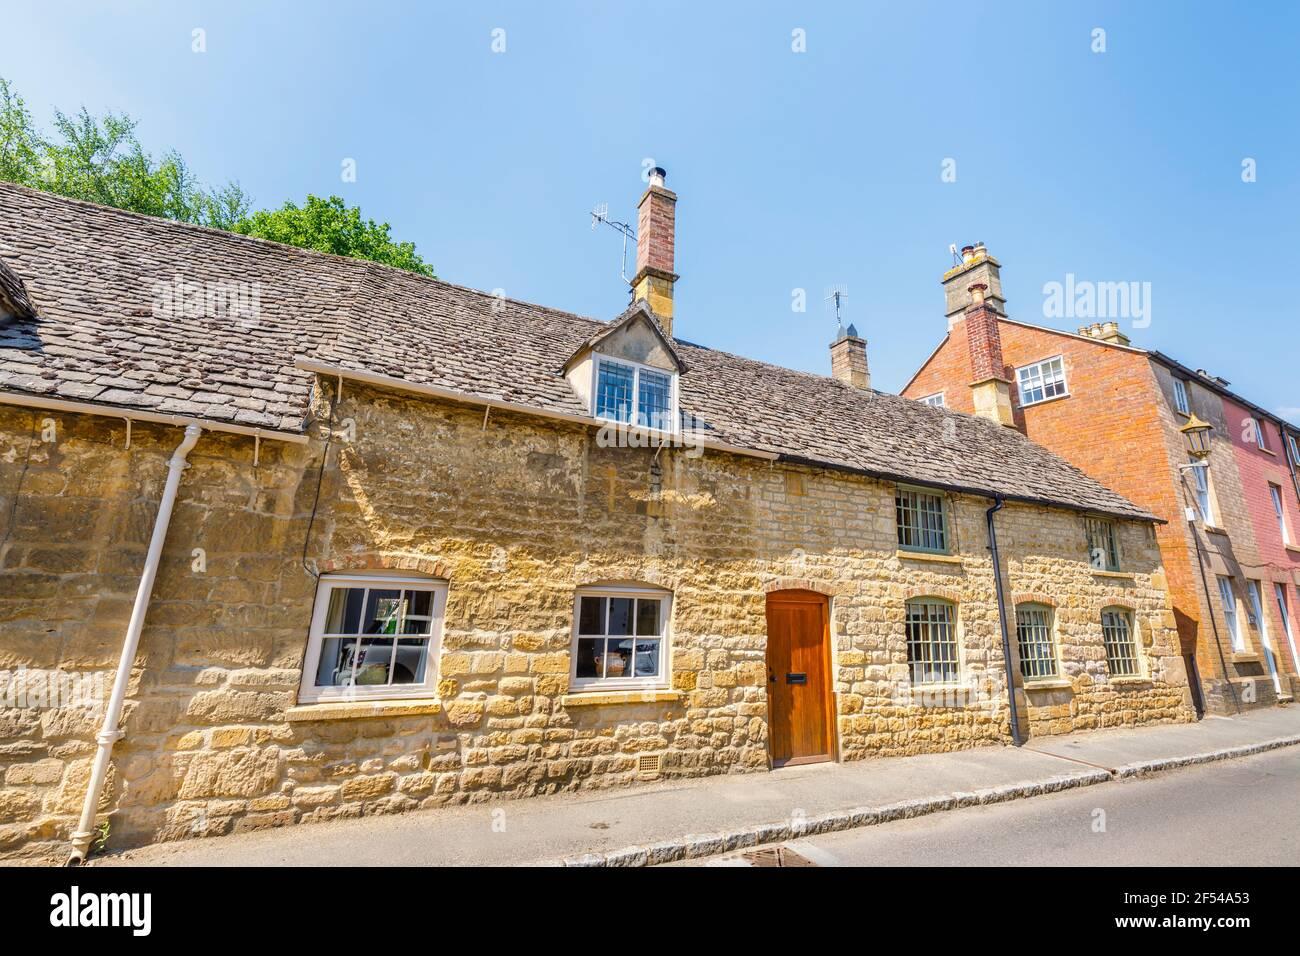 Maisons typiques en pierre de Cotswold en bord de route à Chipping Campden, une petite ville de marché dans les Cotswolds à Gloucestershire Banque D'Images